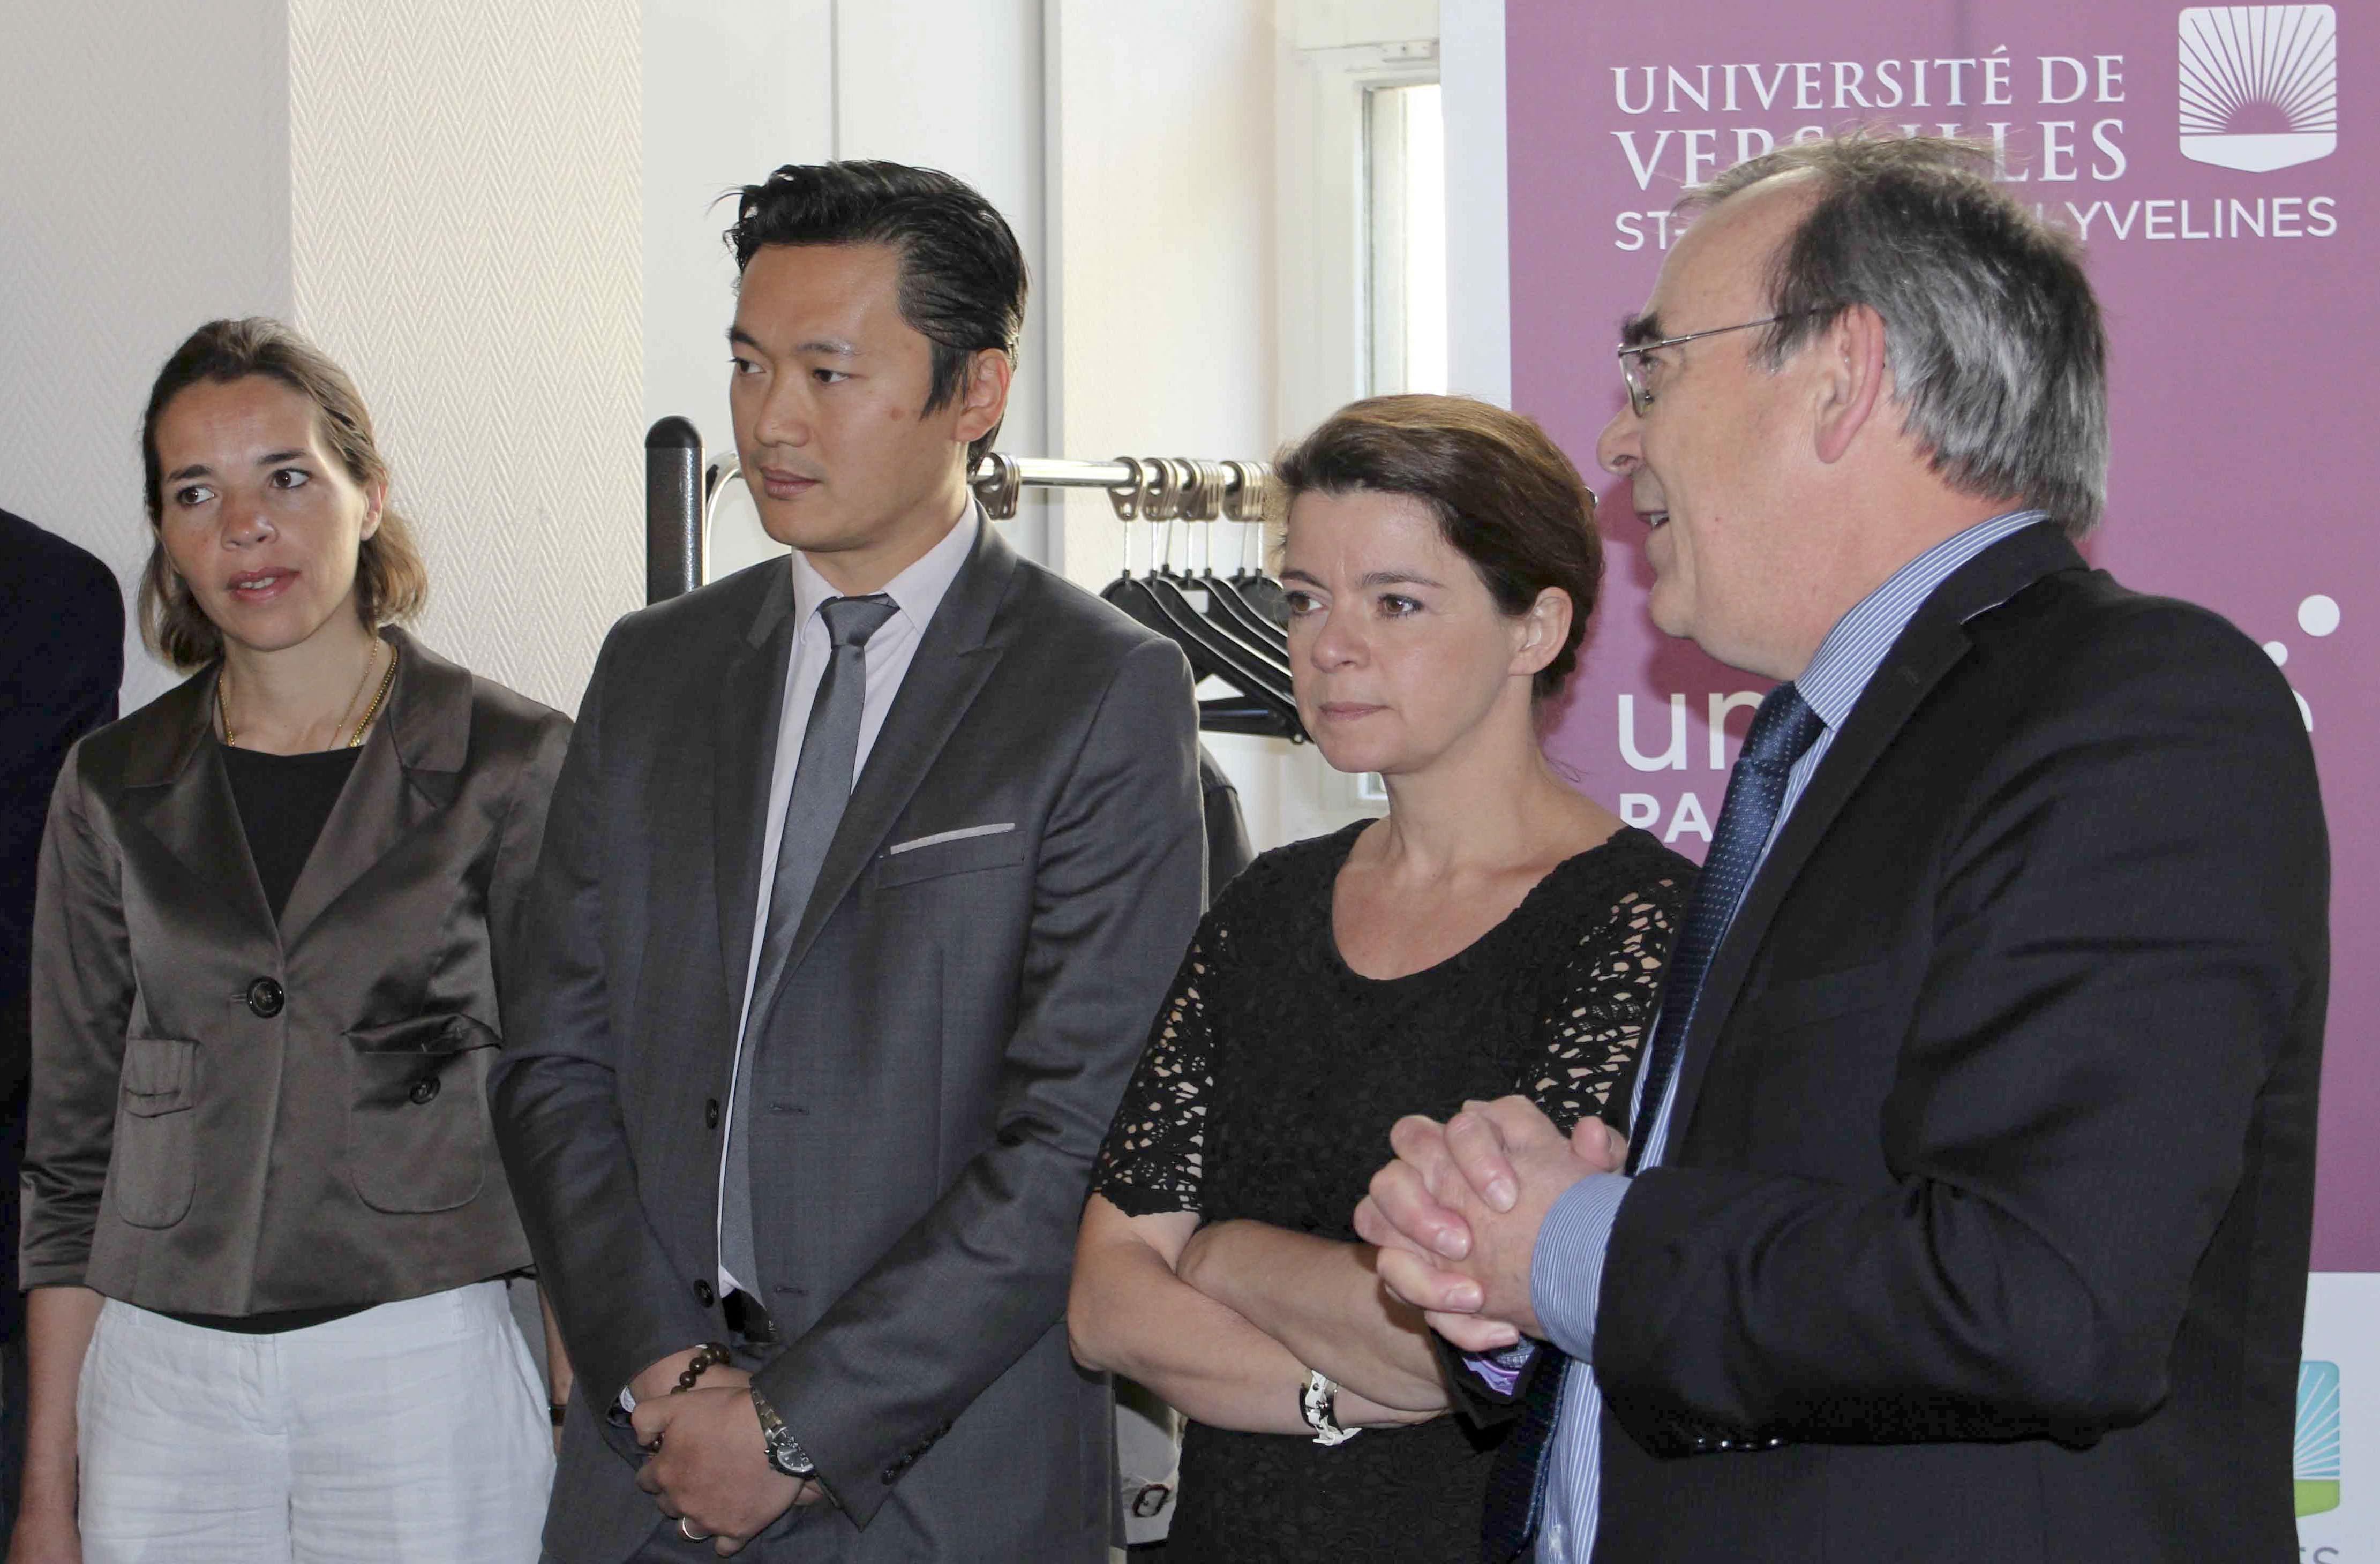 La Poste remet à l'UVSQ un chèque de 51 930 € au titre de son versement de la taxe d'apprentissage